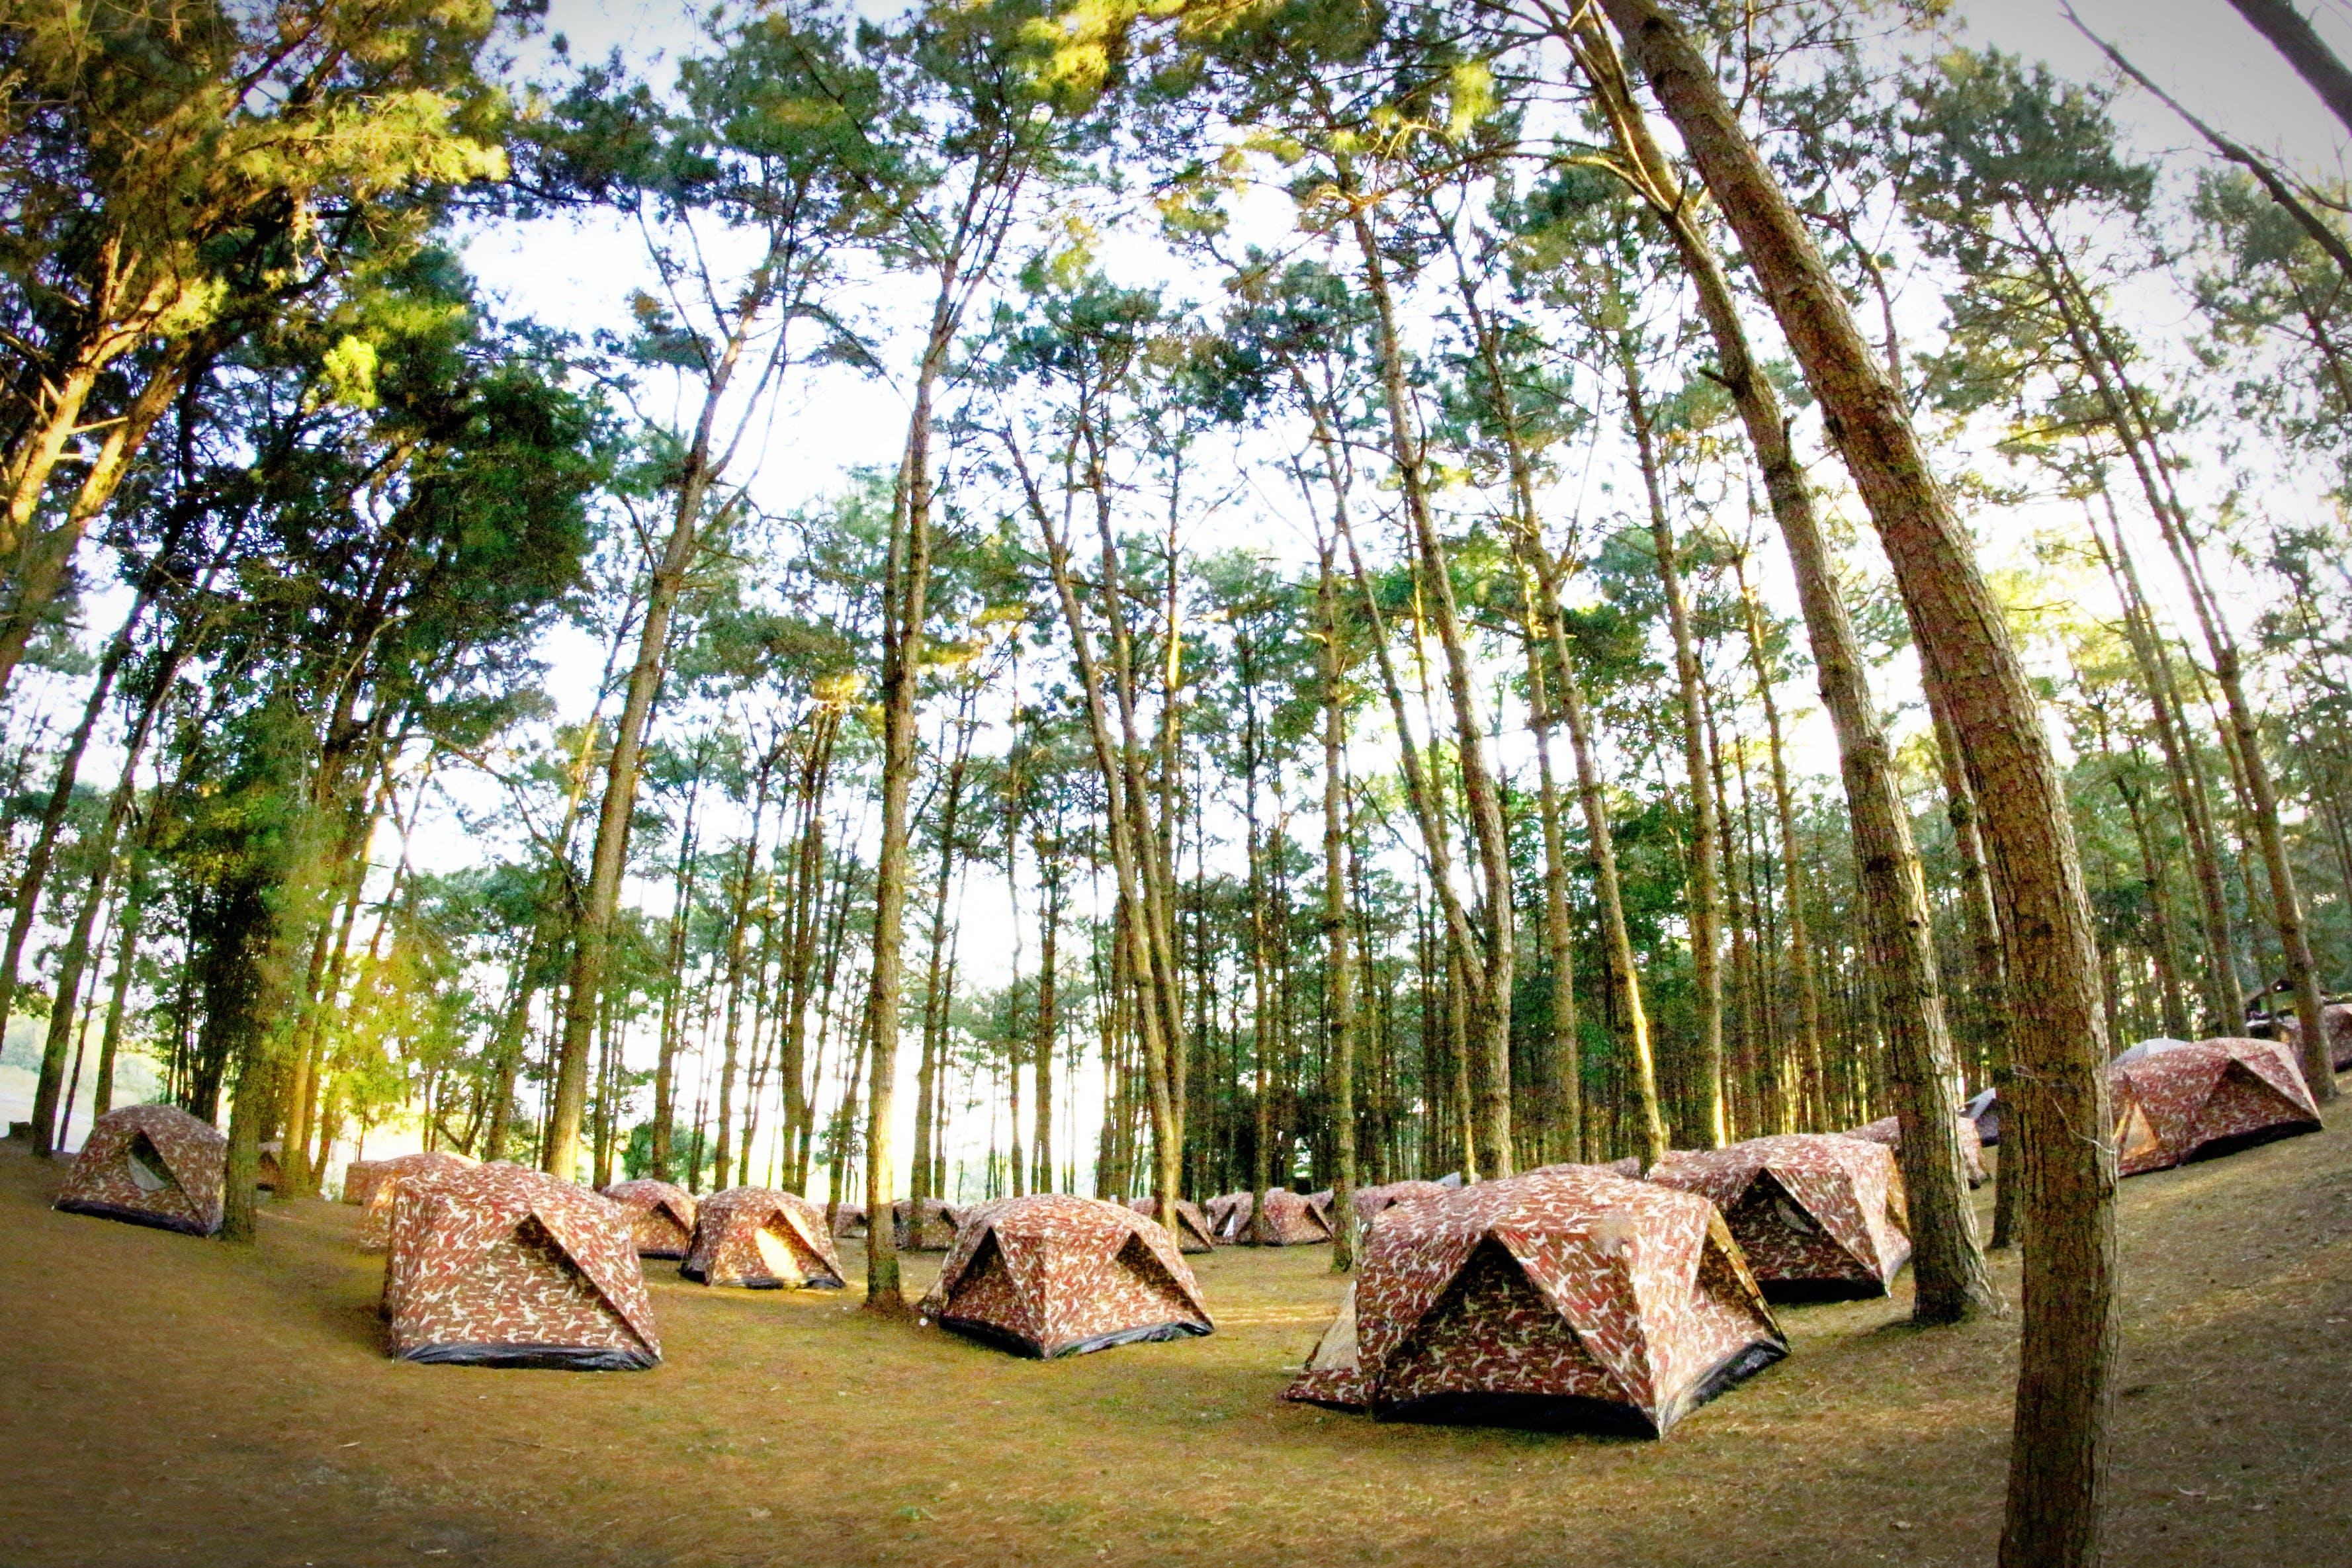 camp, camping, environment